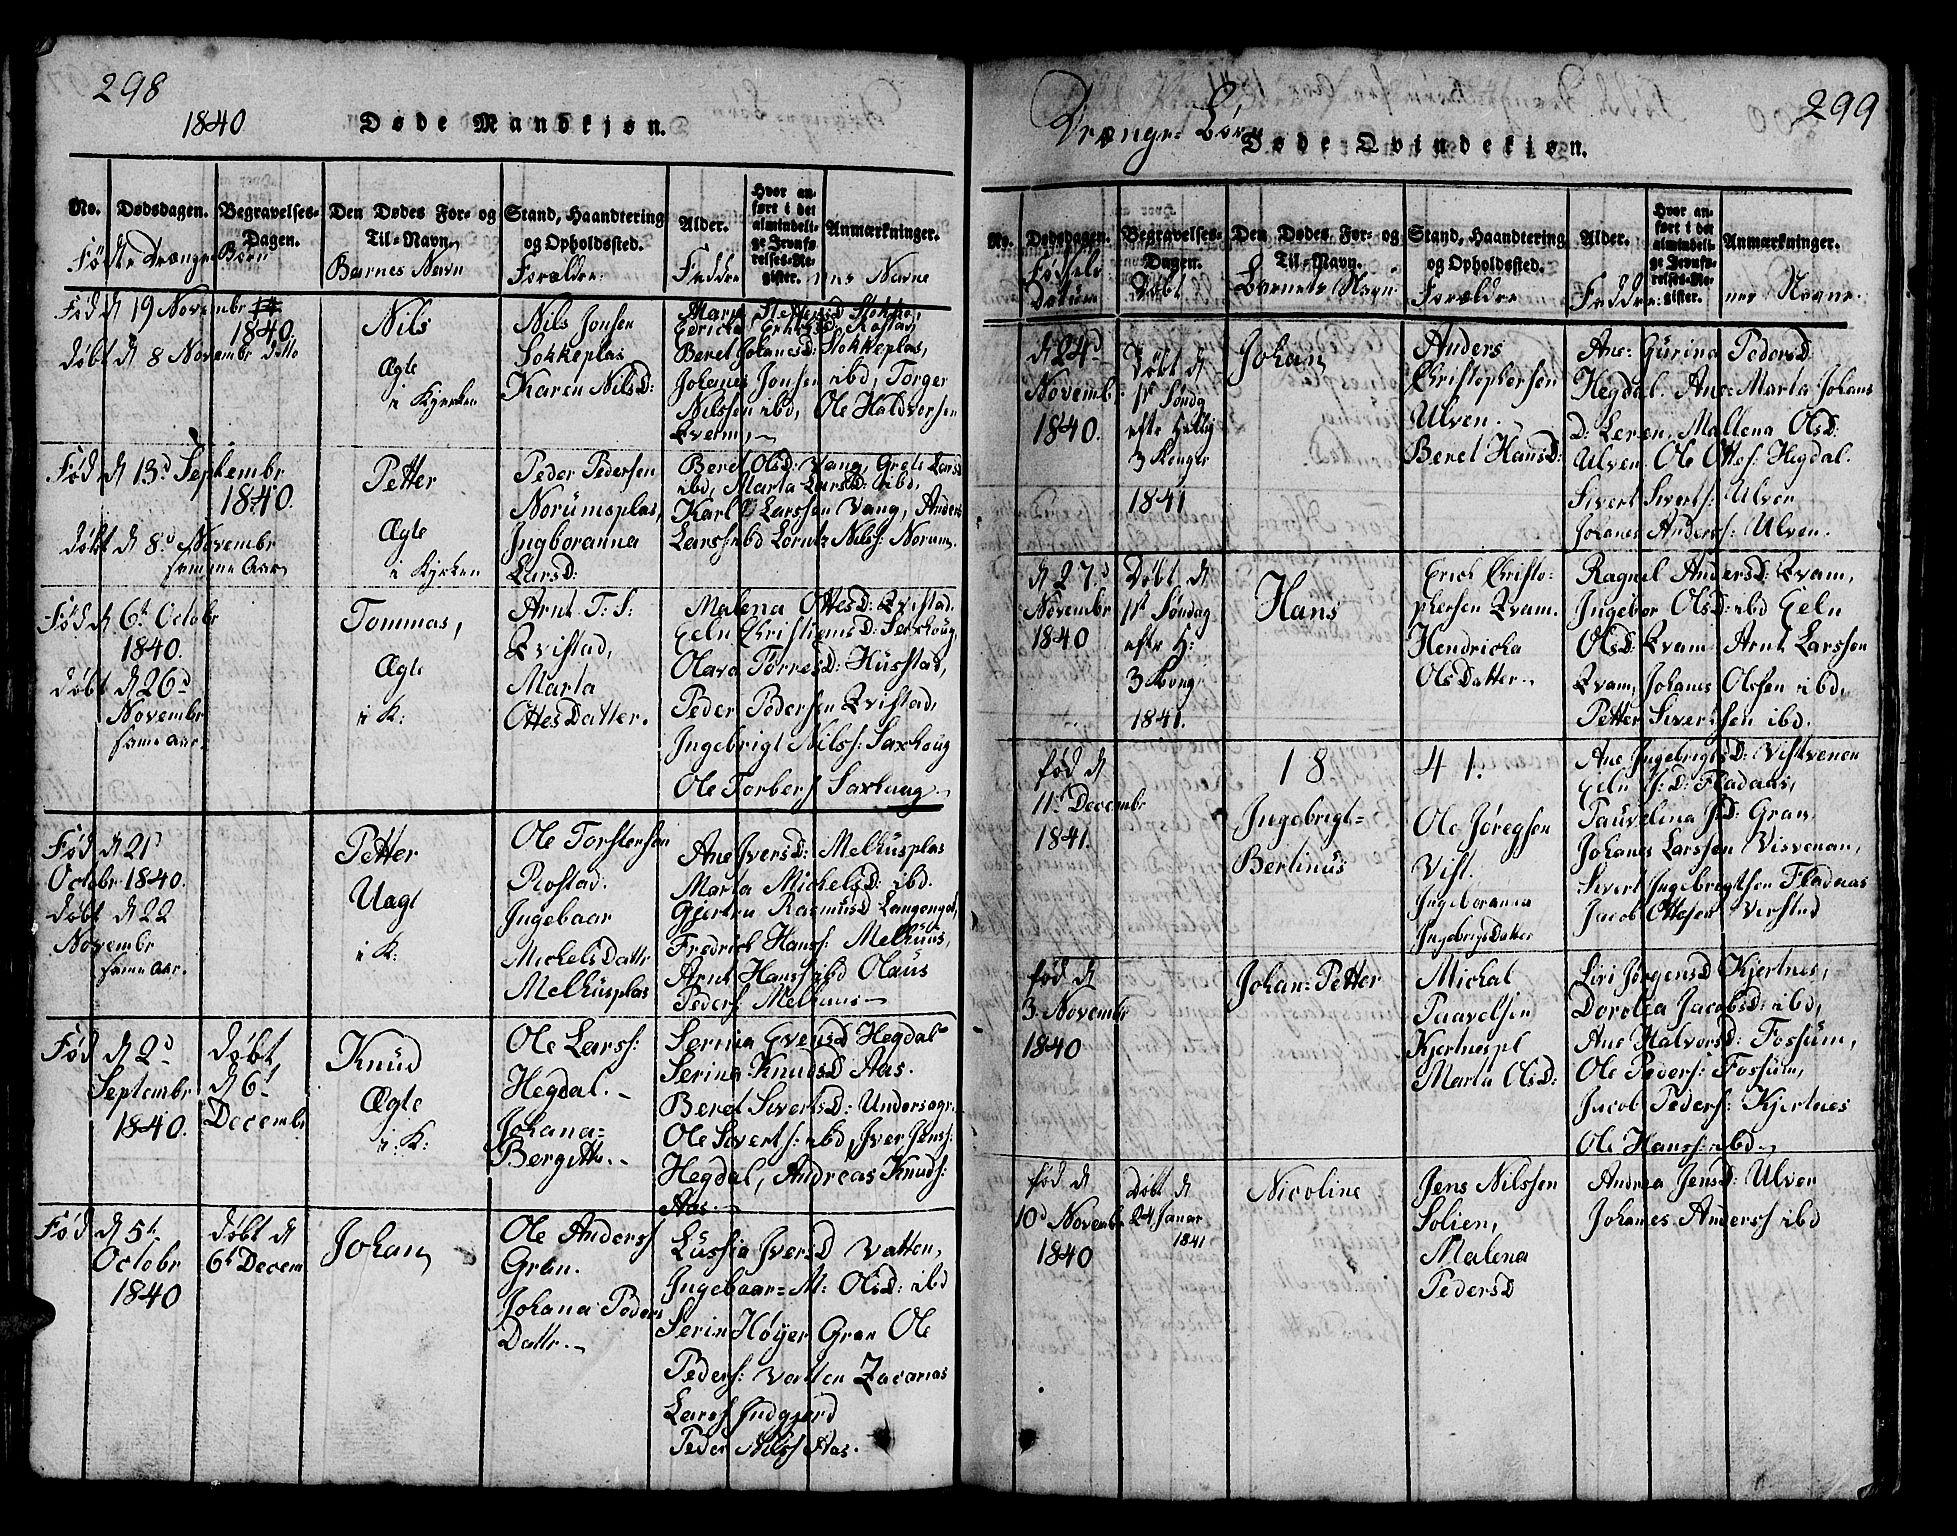 SAT, Ministerialprotokoller, klokkerbøker og fødselsregistre - Nord-Trøndelag, 730/L0298: Klokkerbok nr. 730C01, 1816-1849, s. 298-299